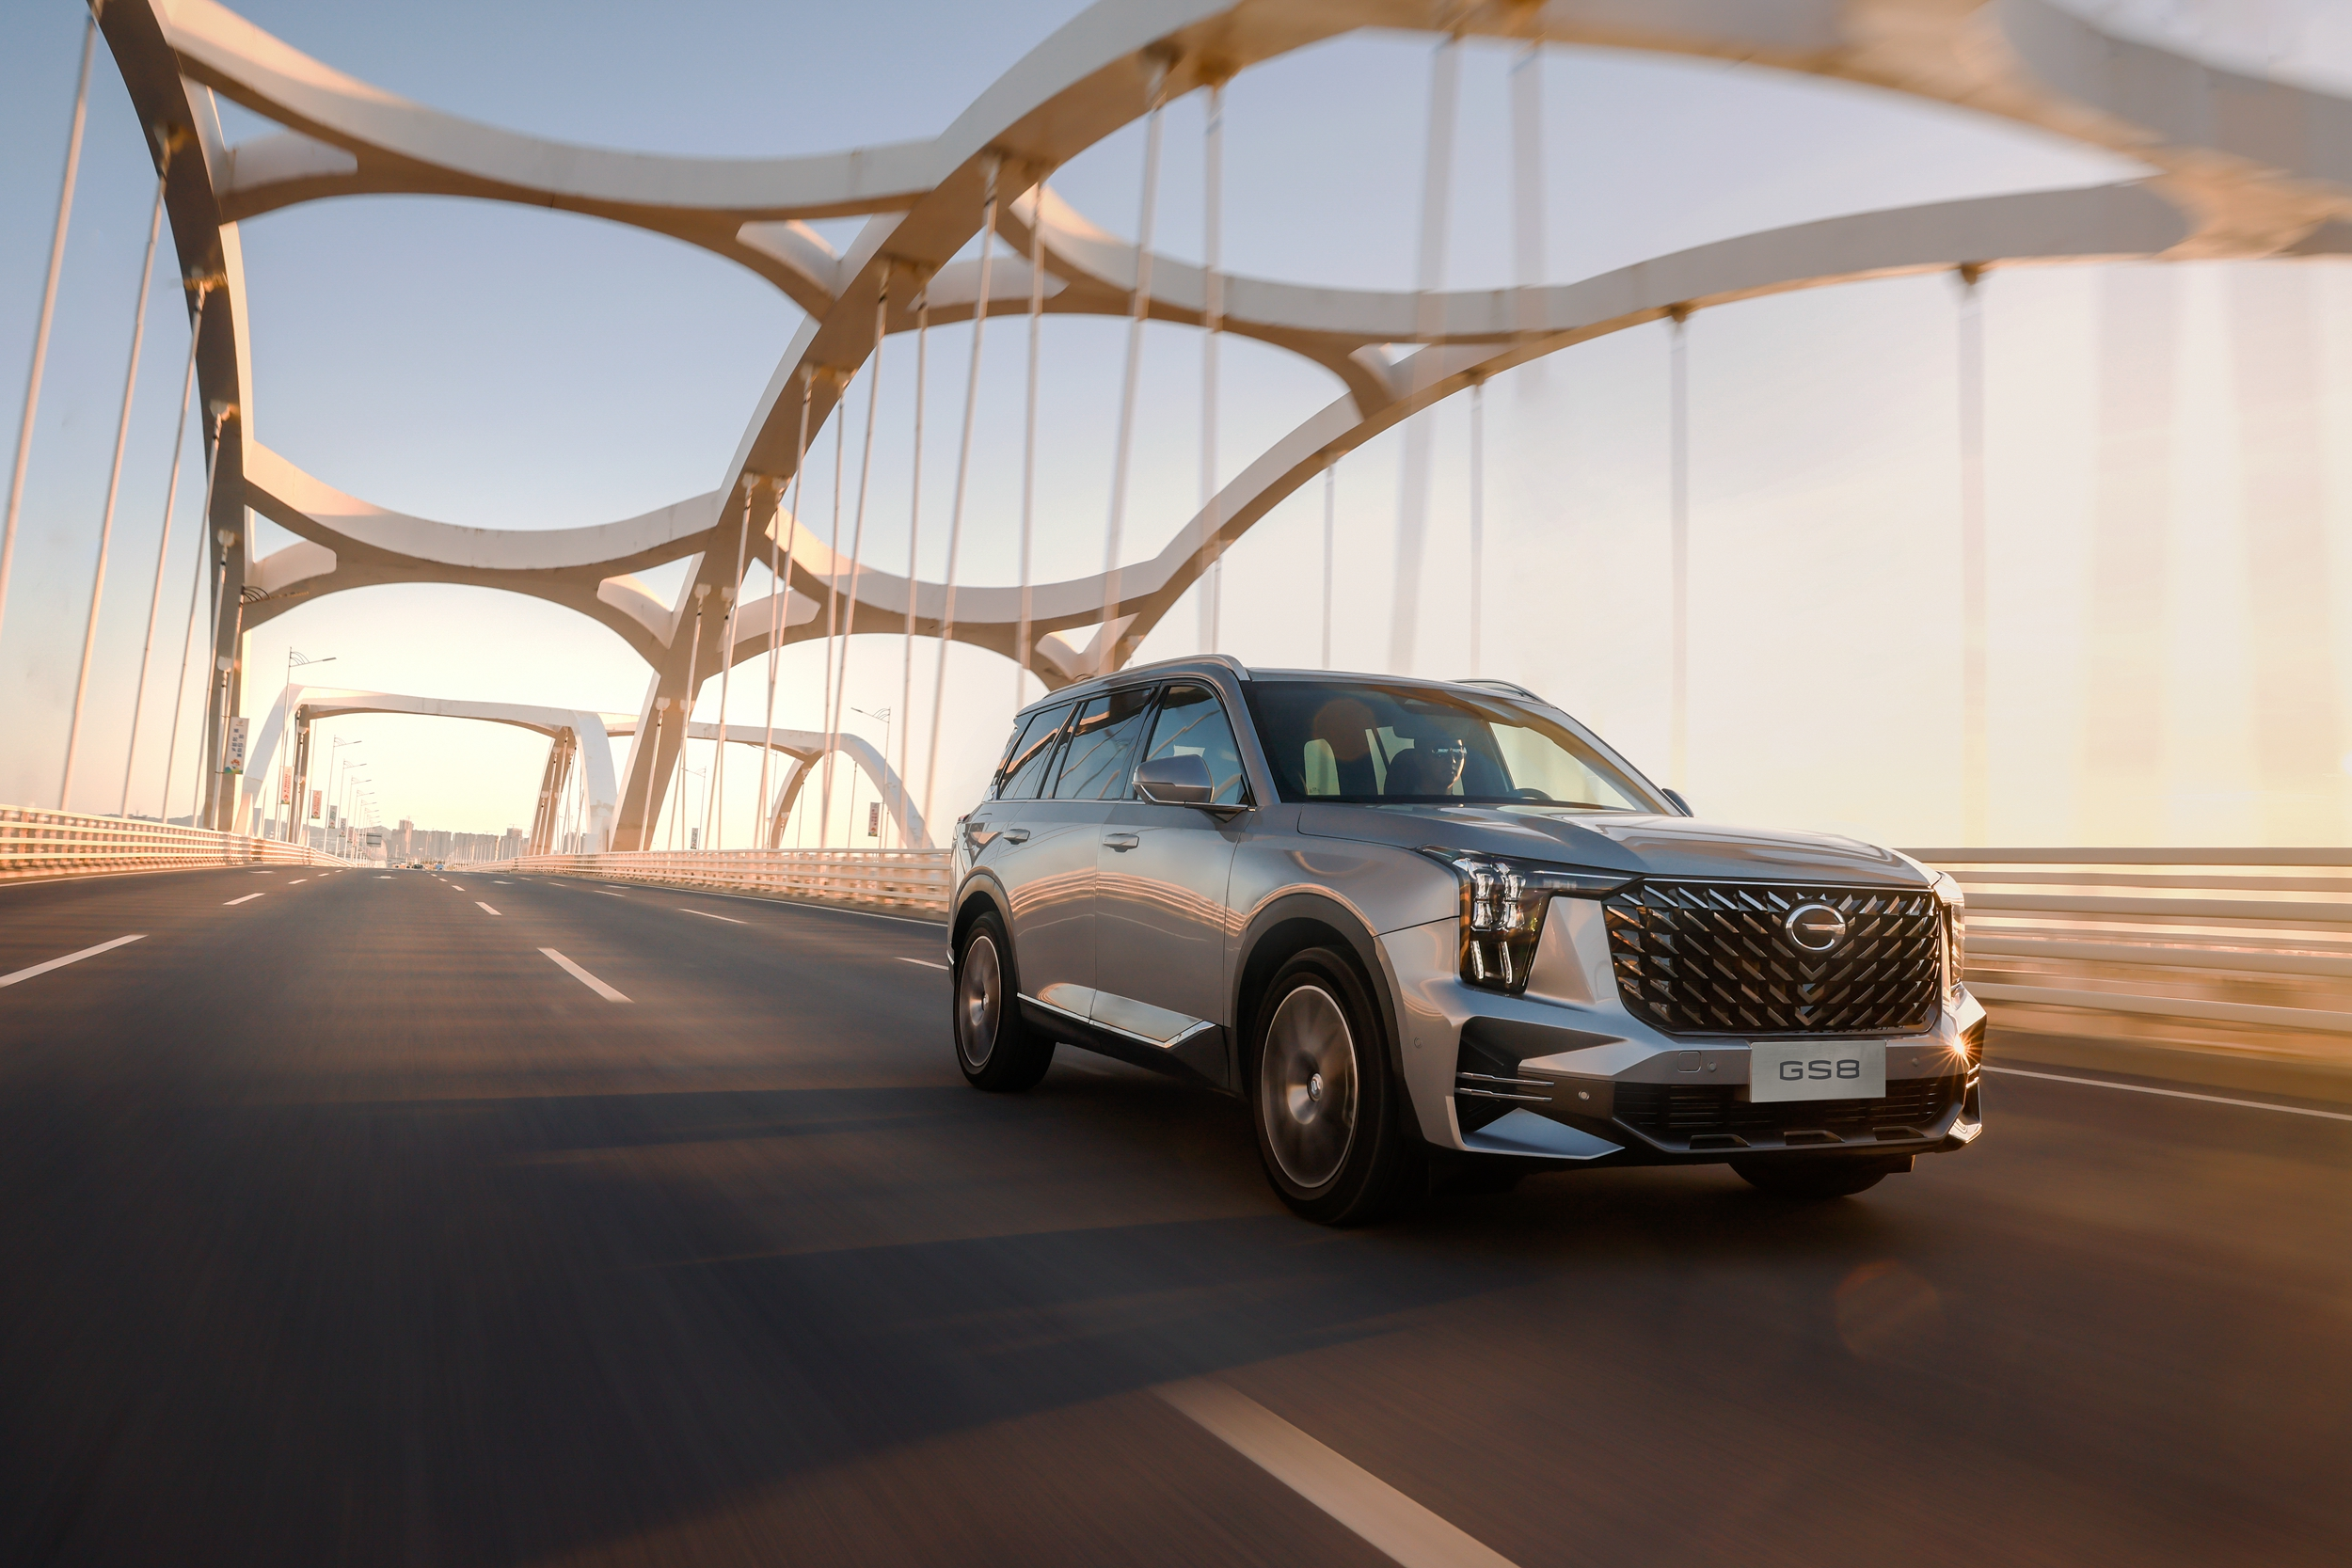 云鉴赏第二代GS8,广汽传祺能否重回中大型SUV市场第一?